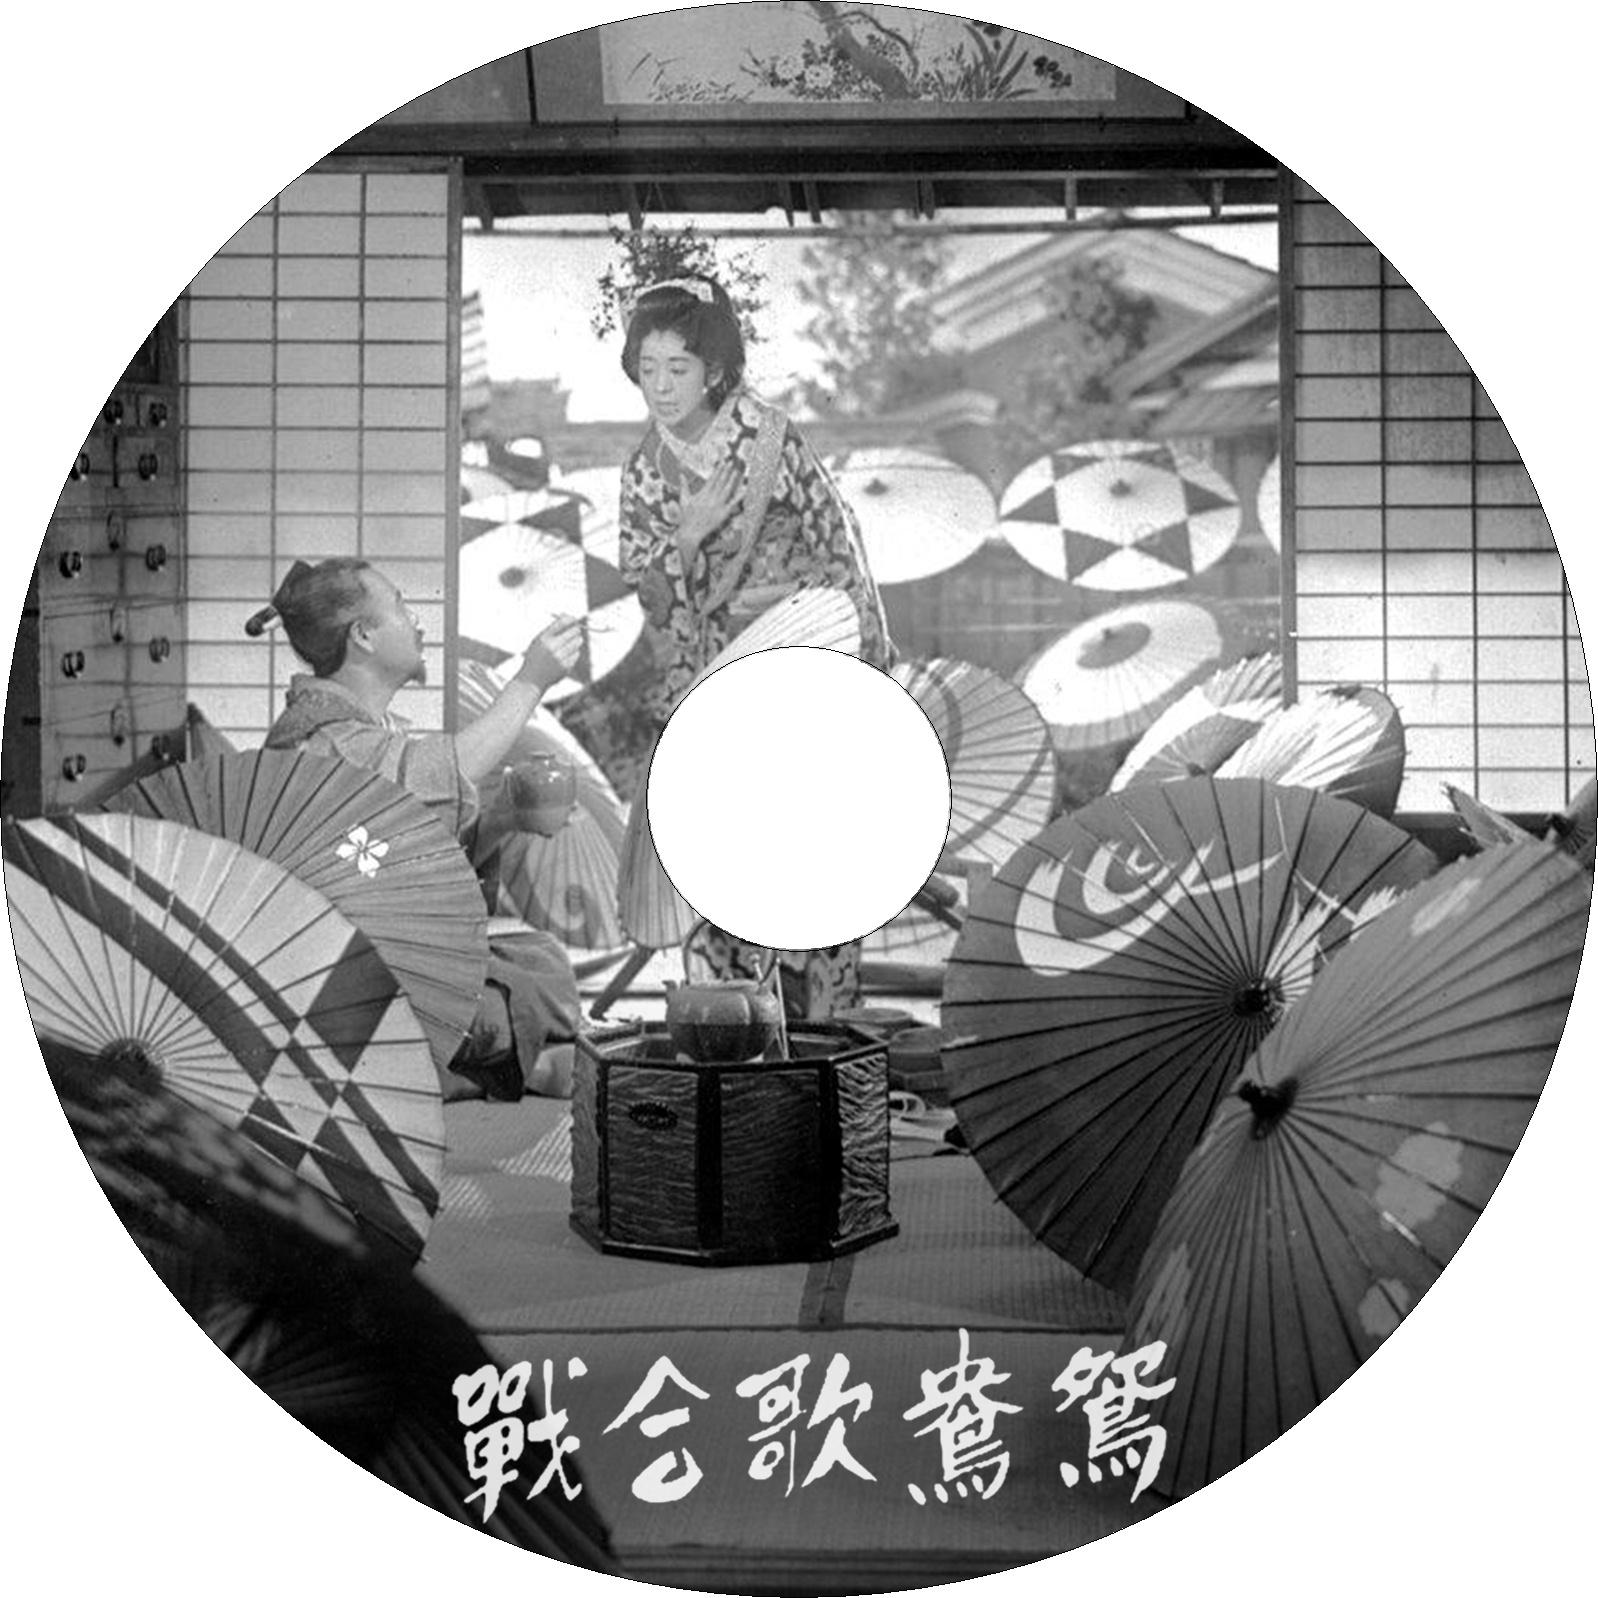 鴛鴦歌合戦 ラベル改